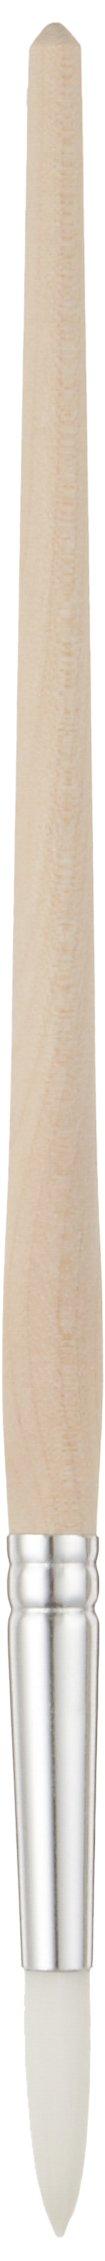 Tanis 00296 Taklon White Artist Brush, #6 Size, 3/16'' Diameter x 11/16'' Trim, 7-1/2'' Overall Length (Pack of 12) by Tanis Brush